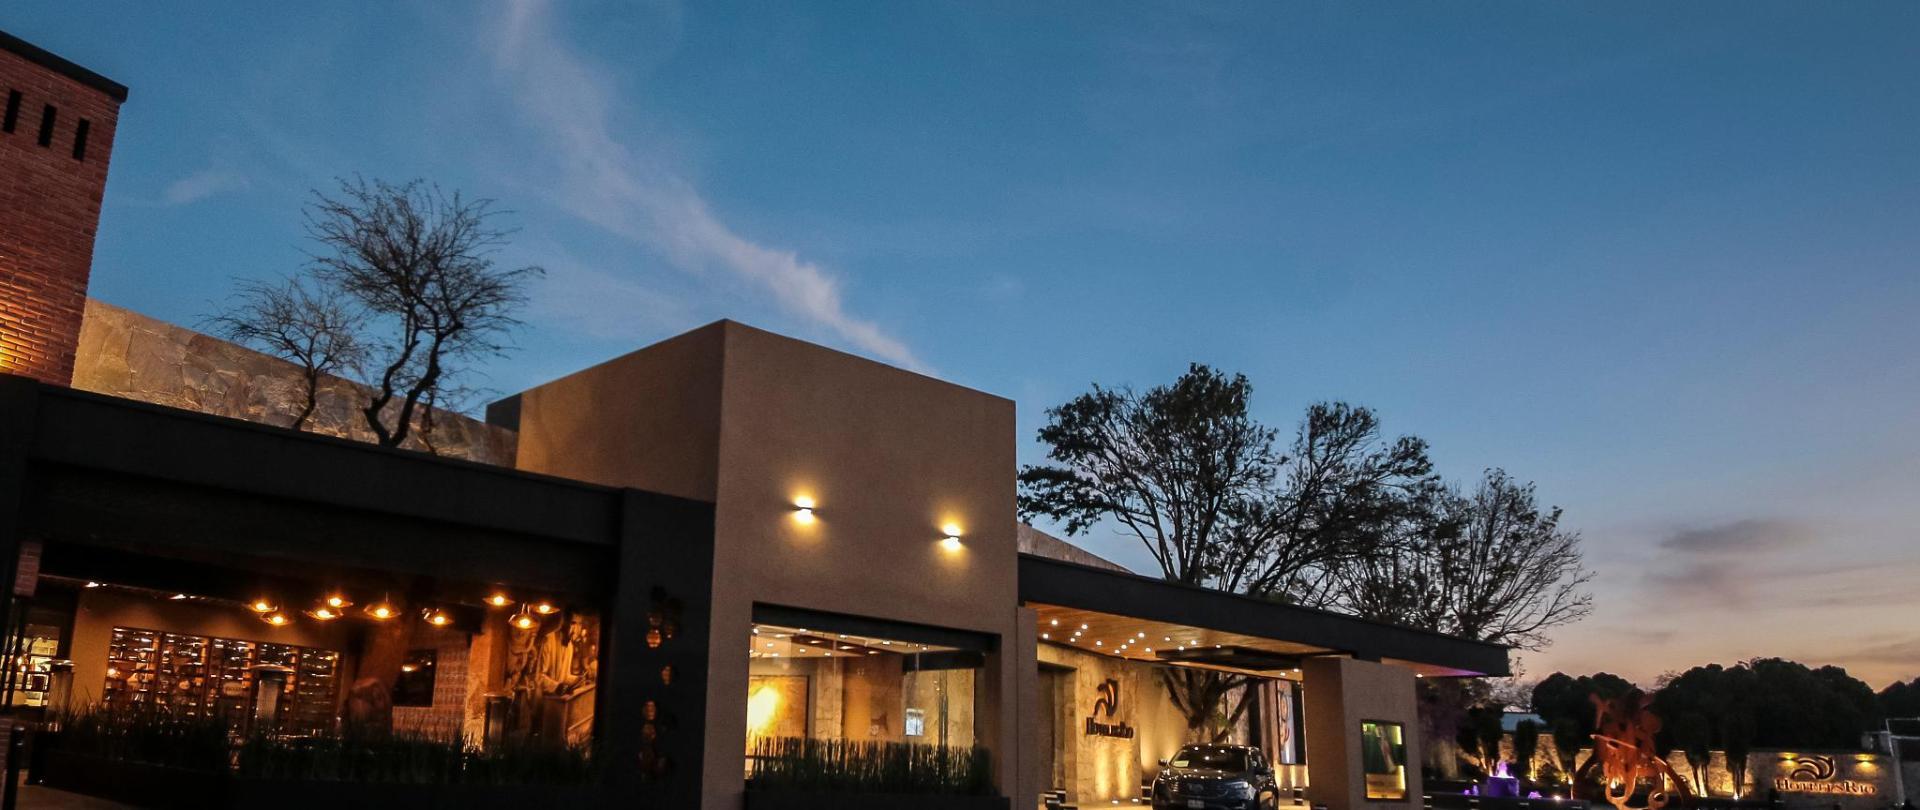 Hotel Rio Tequisquiapan Entrada Foto Principal.JPG